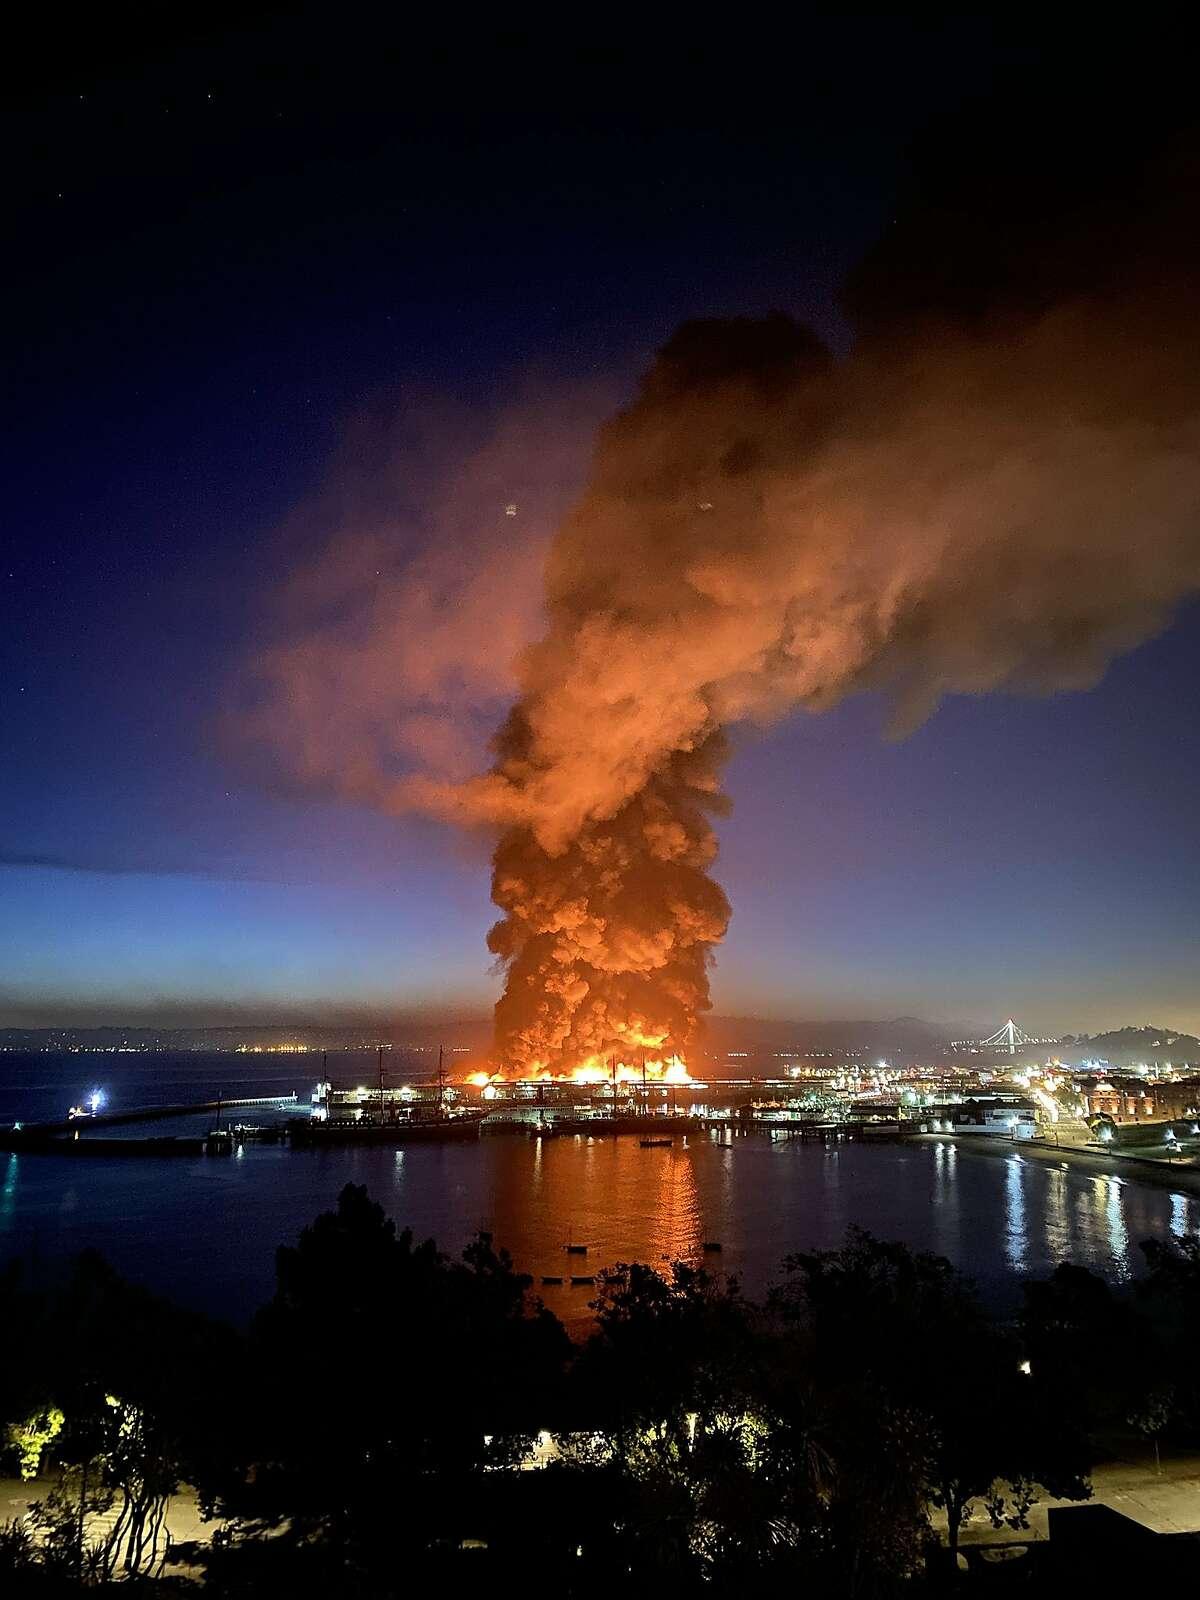 Fire at Pier 45 in San Francisco, Saturday, May 23, 2020.